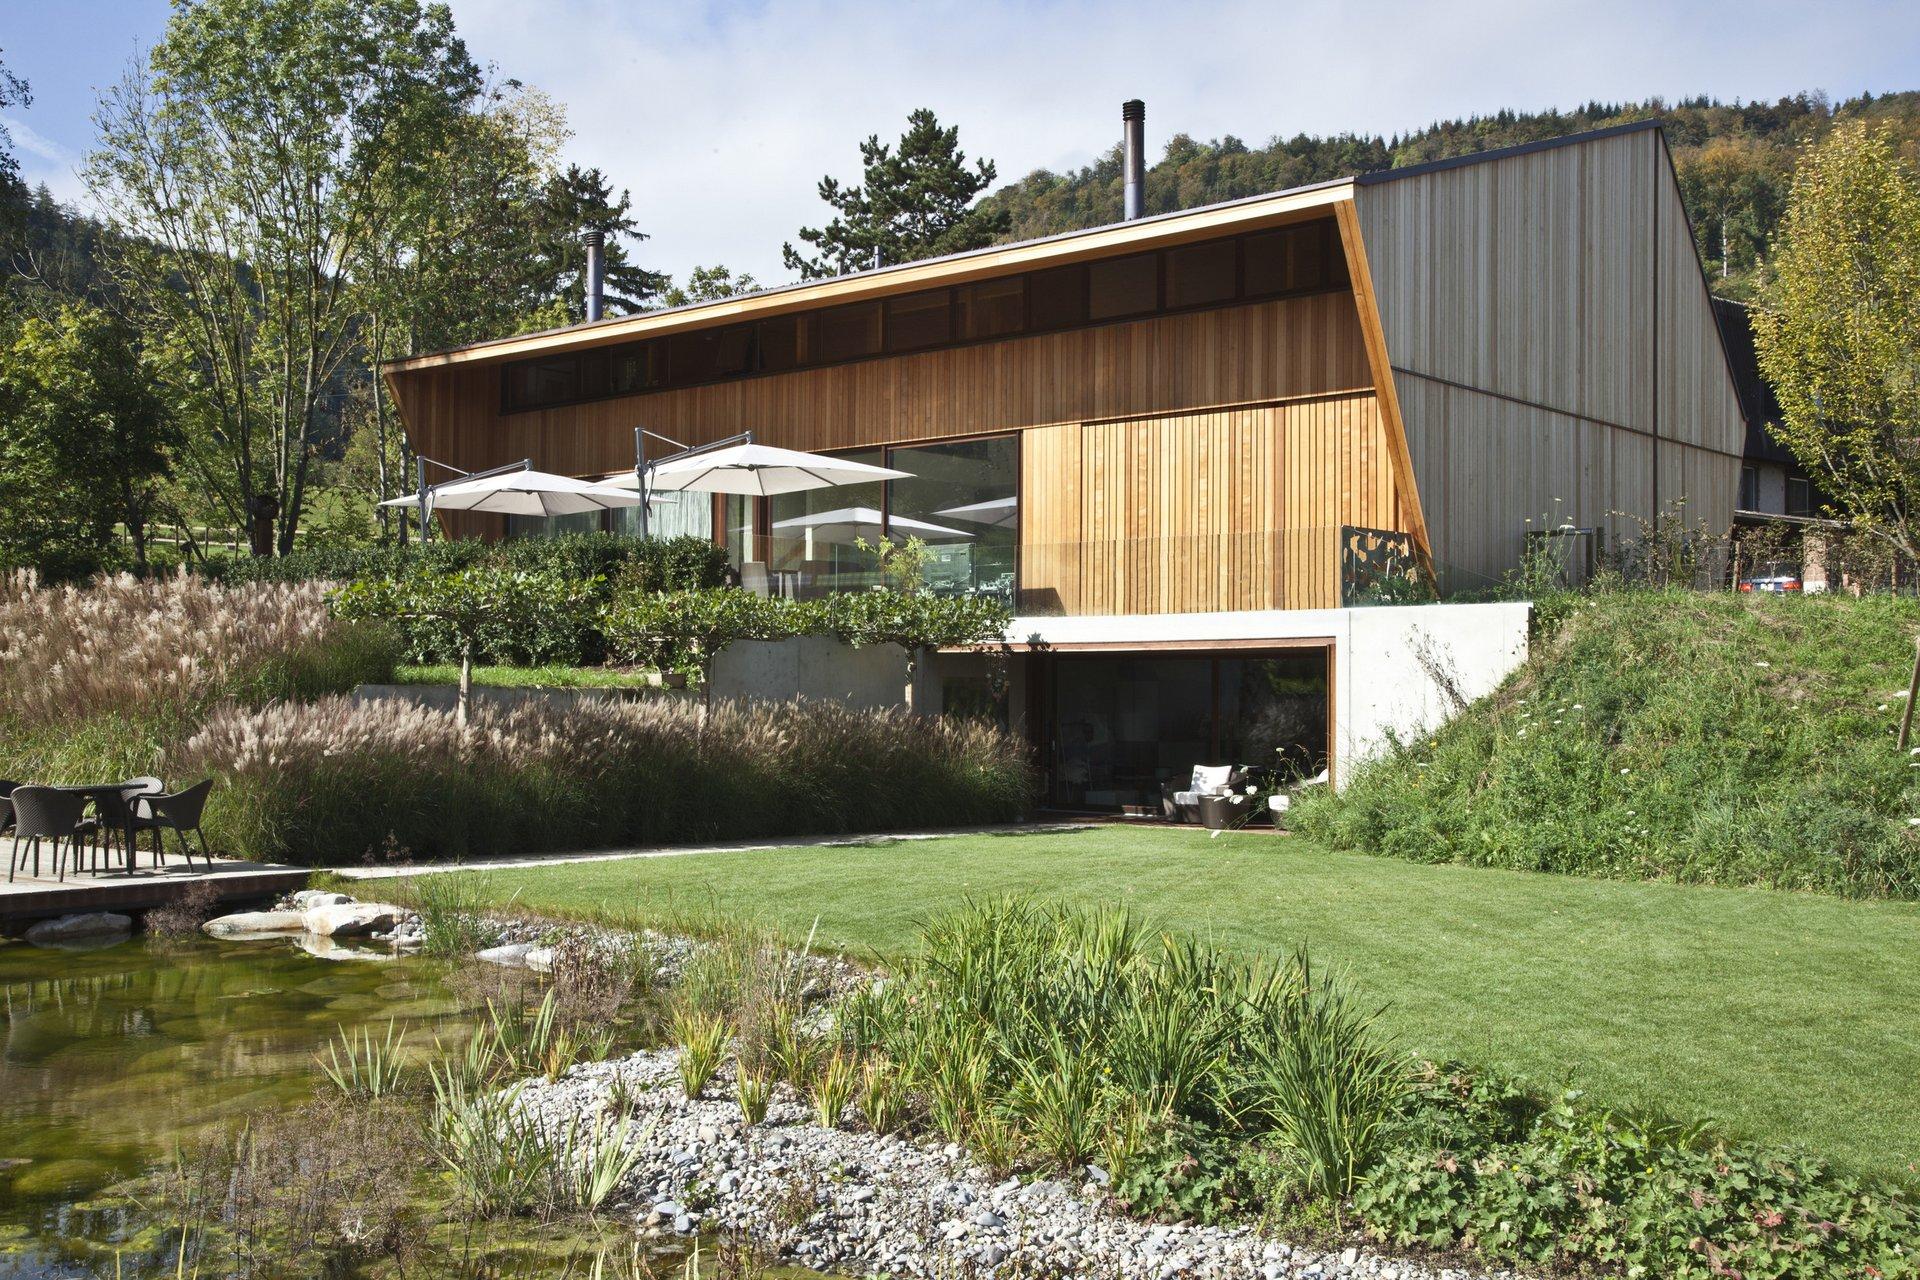 Modernes Haus mit Holzfassade am See